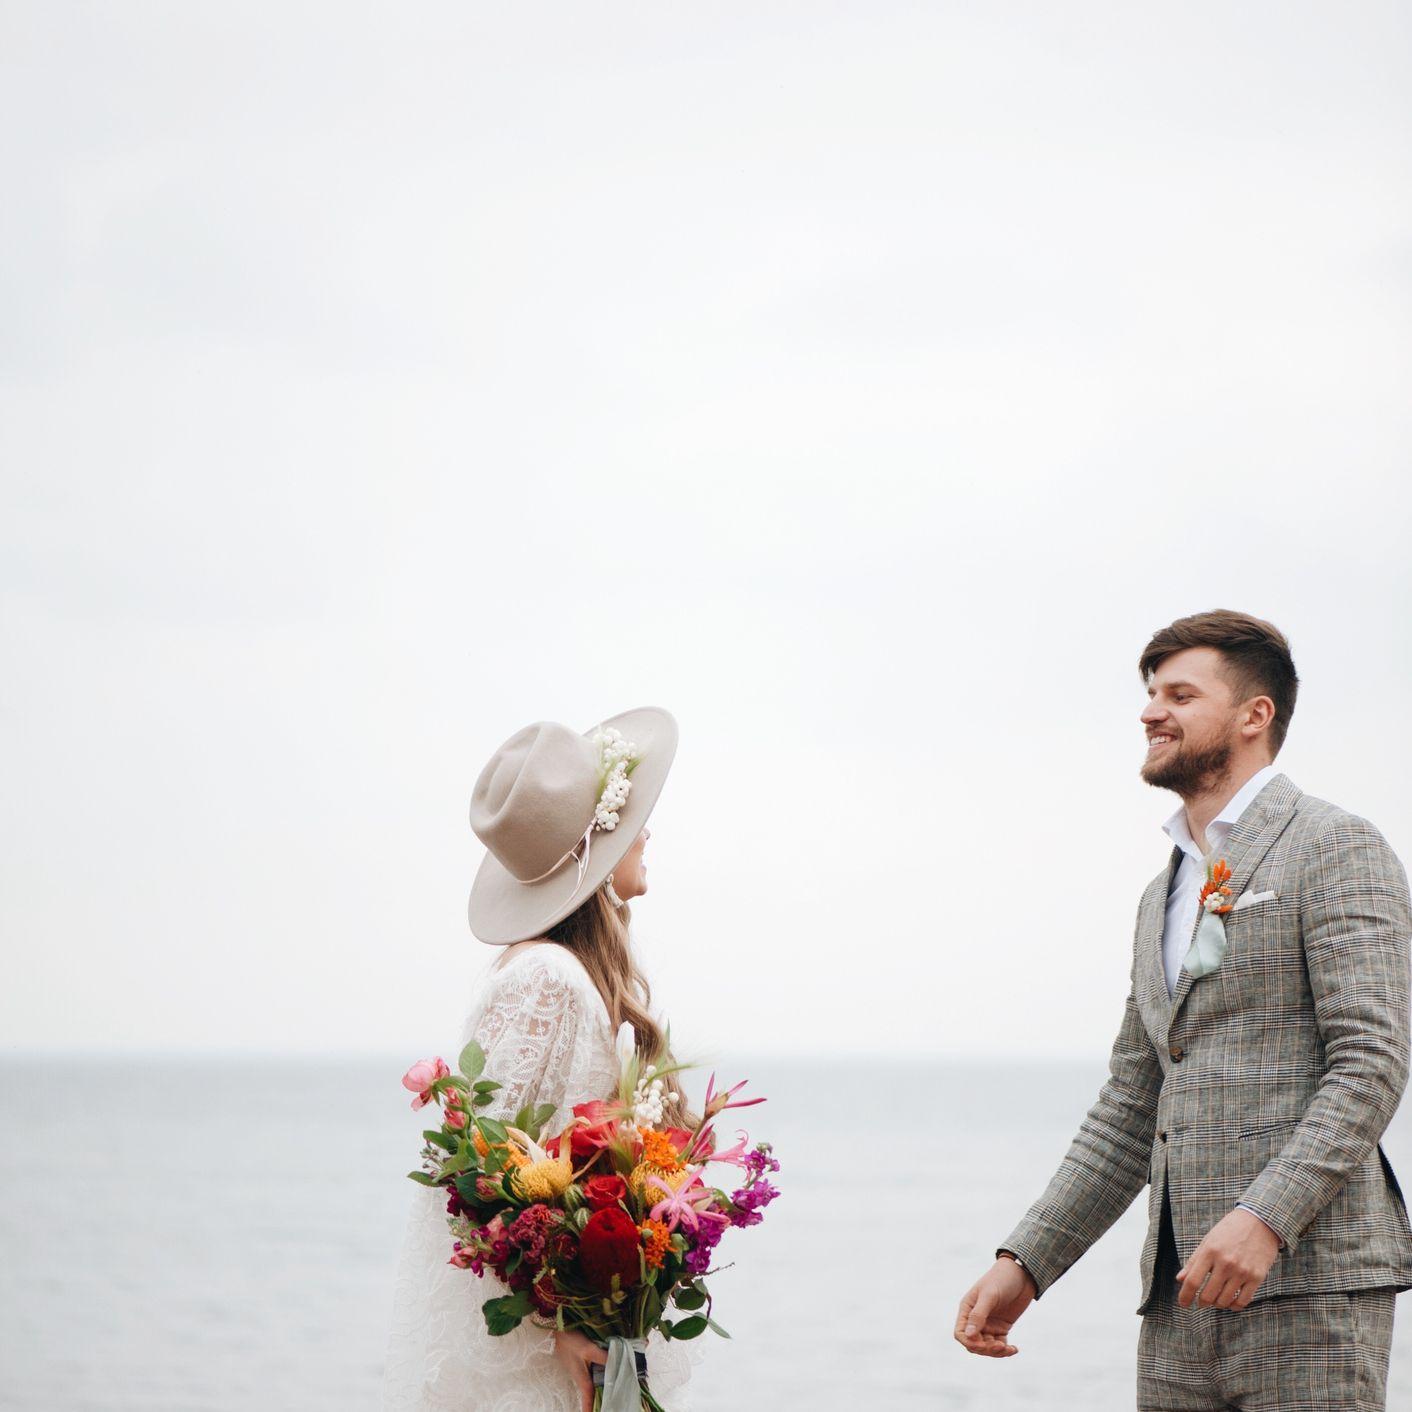 Couple at a beach wedding